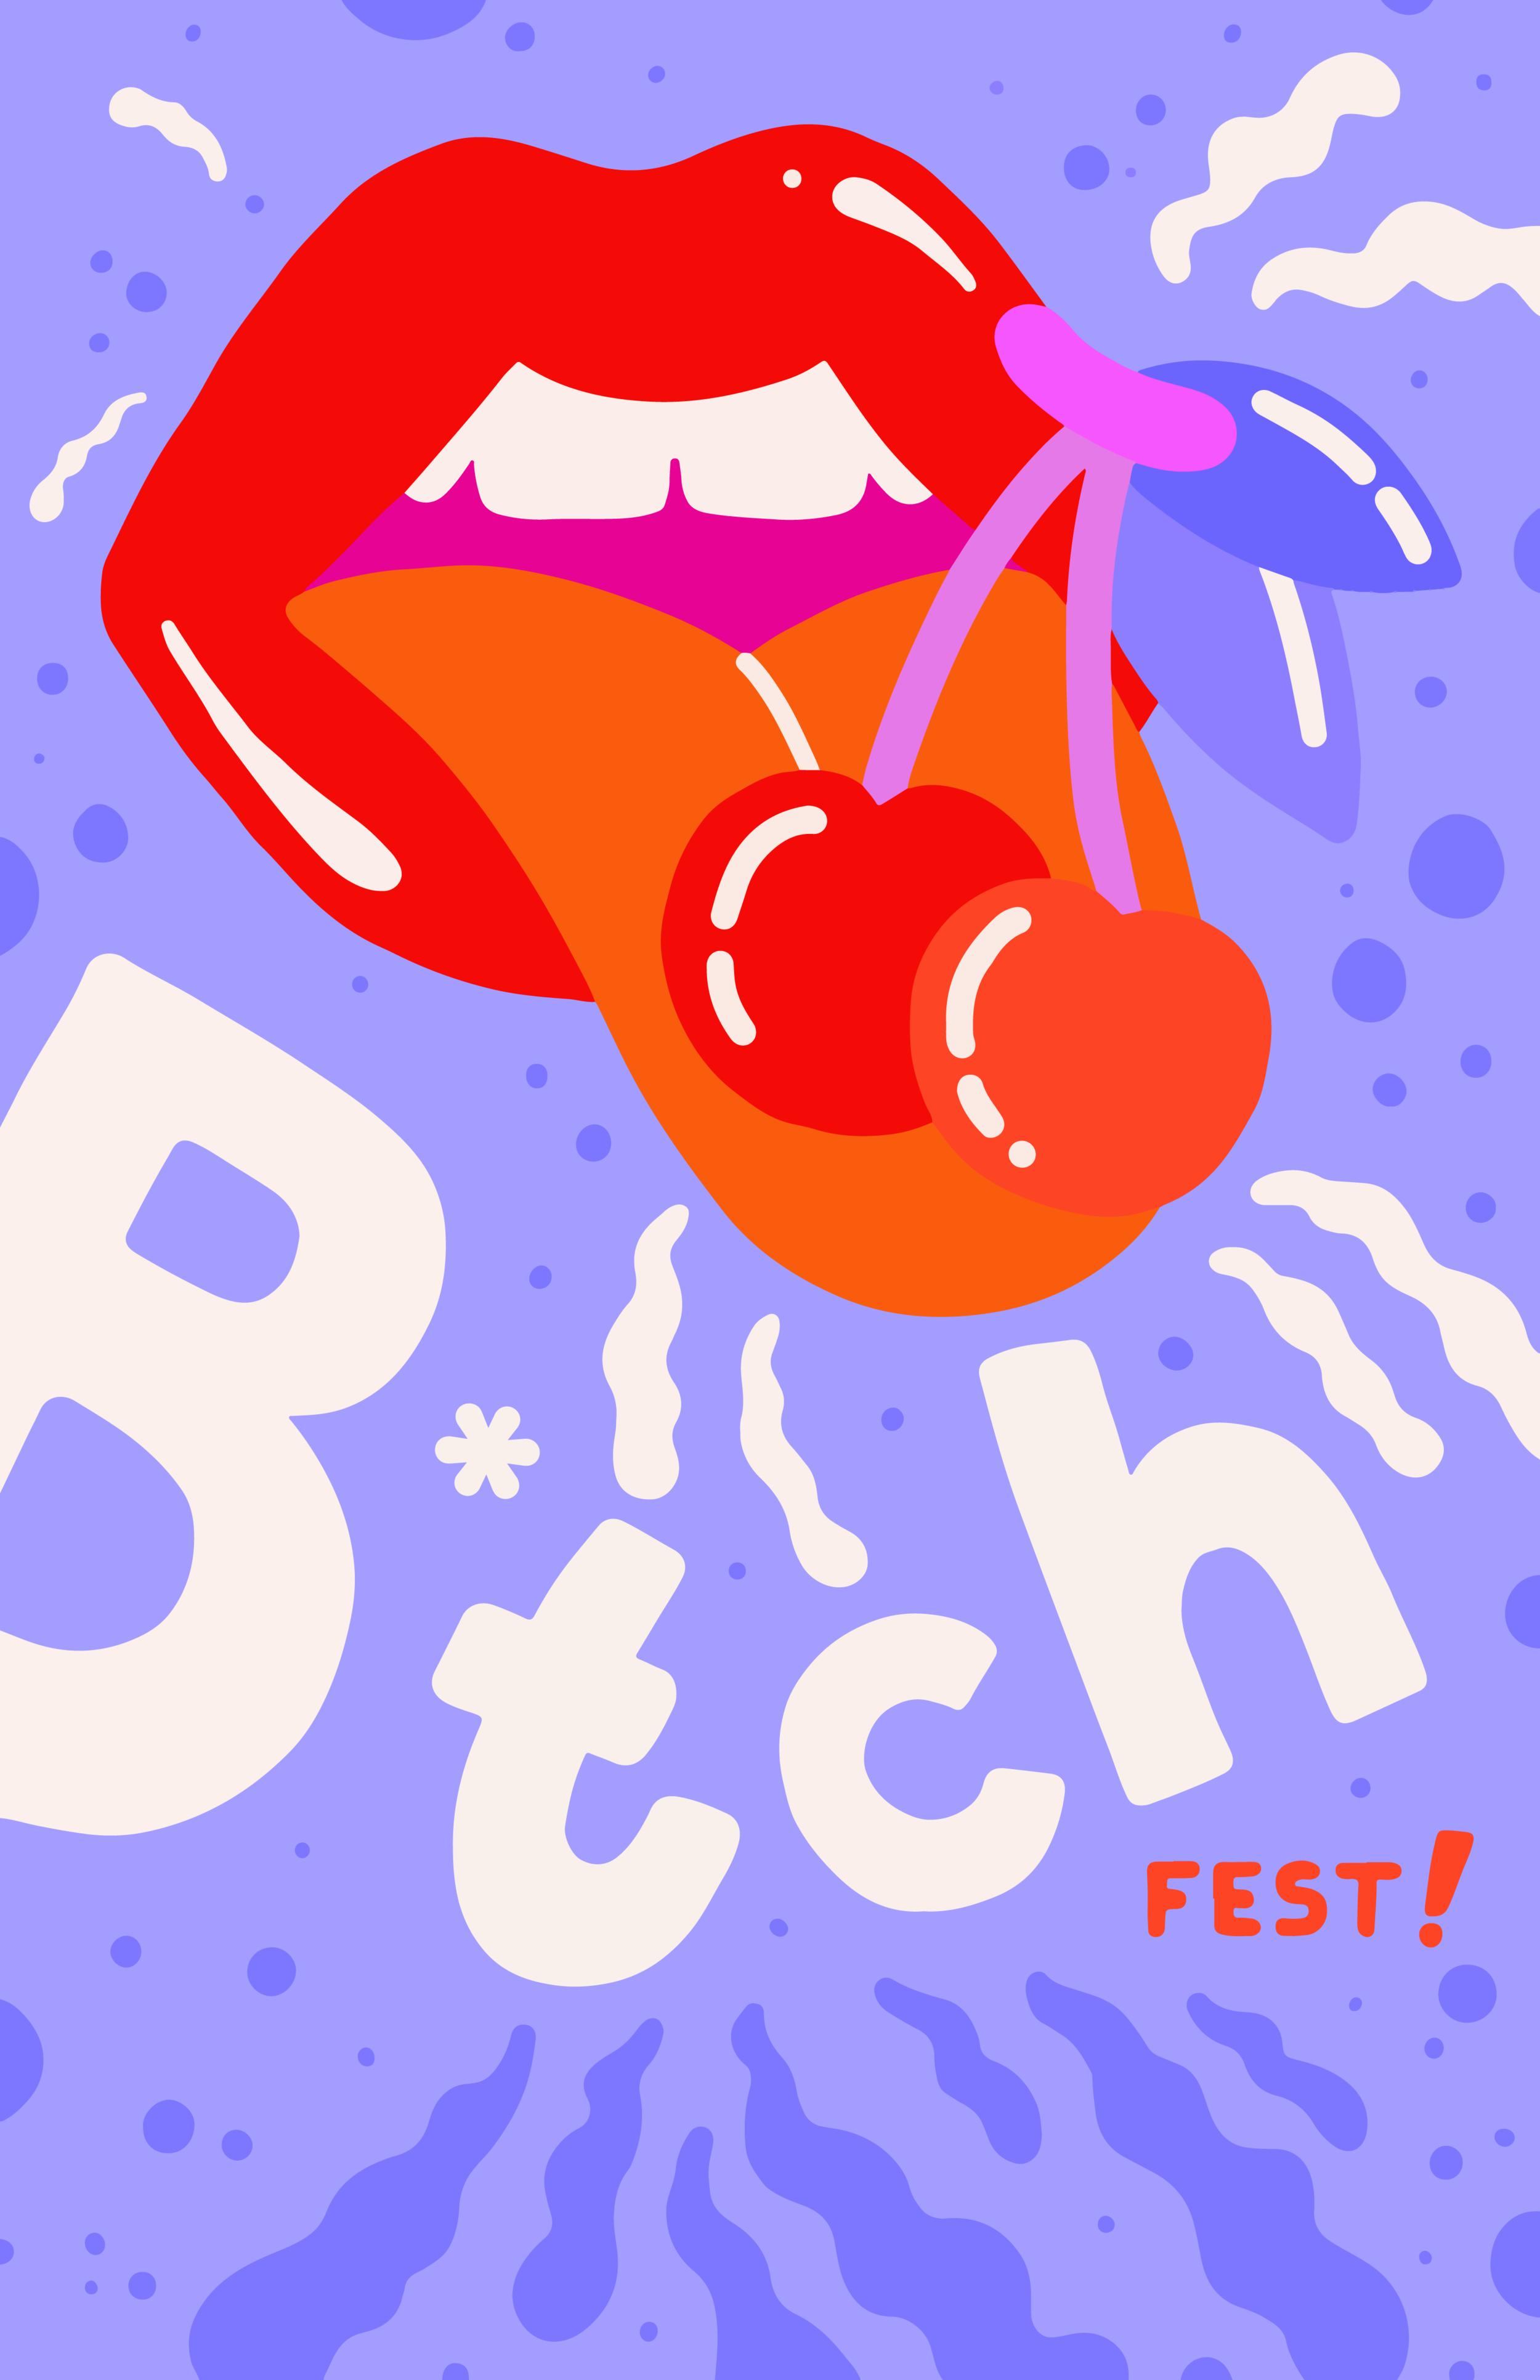 Btch_fest_poster_final.png